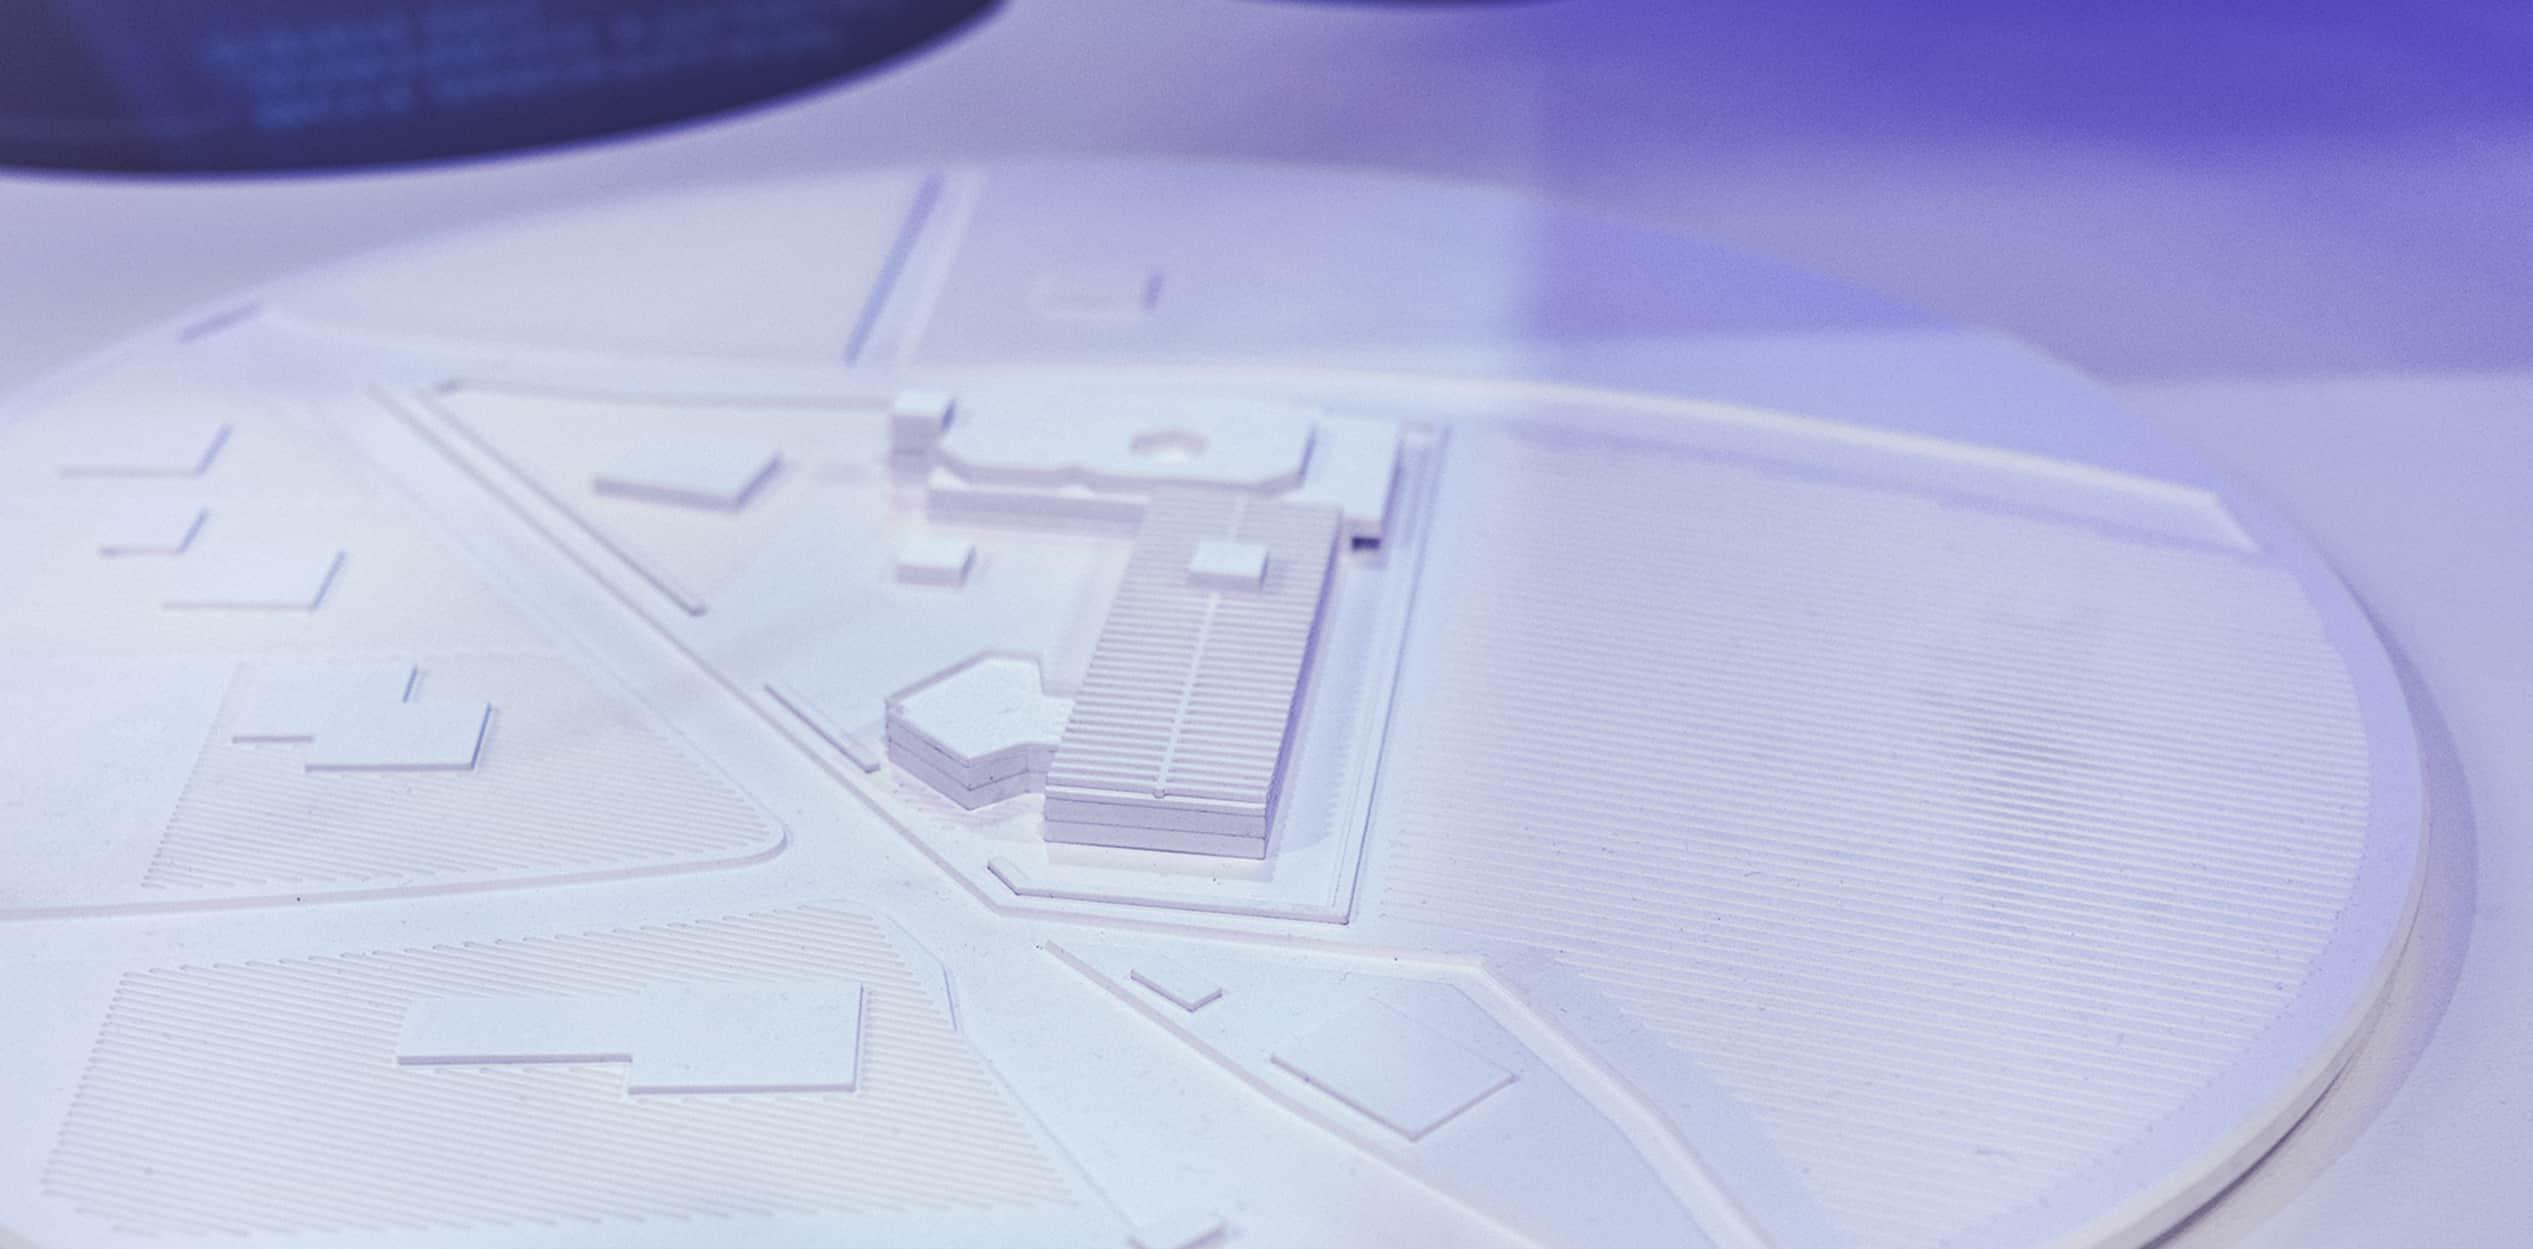 exhibiton-design-agentur-gco